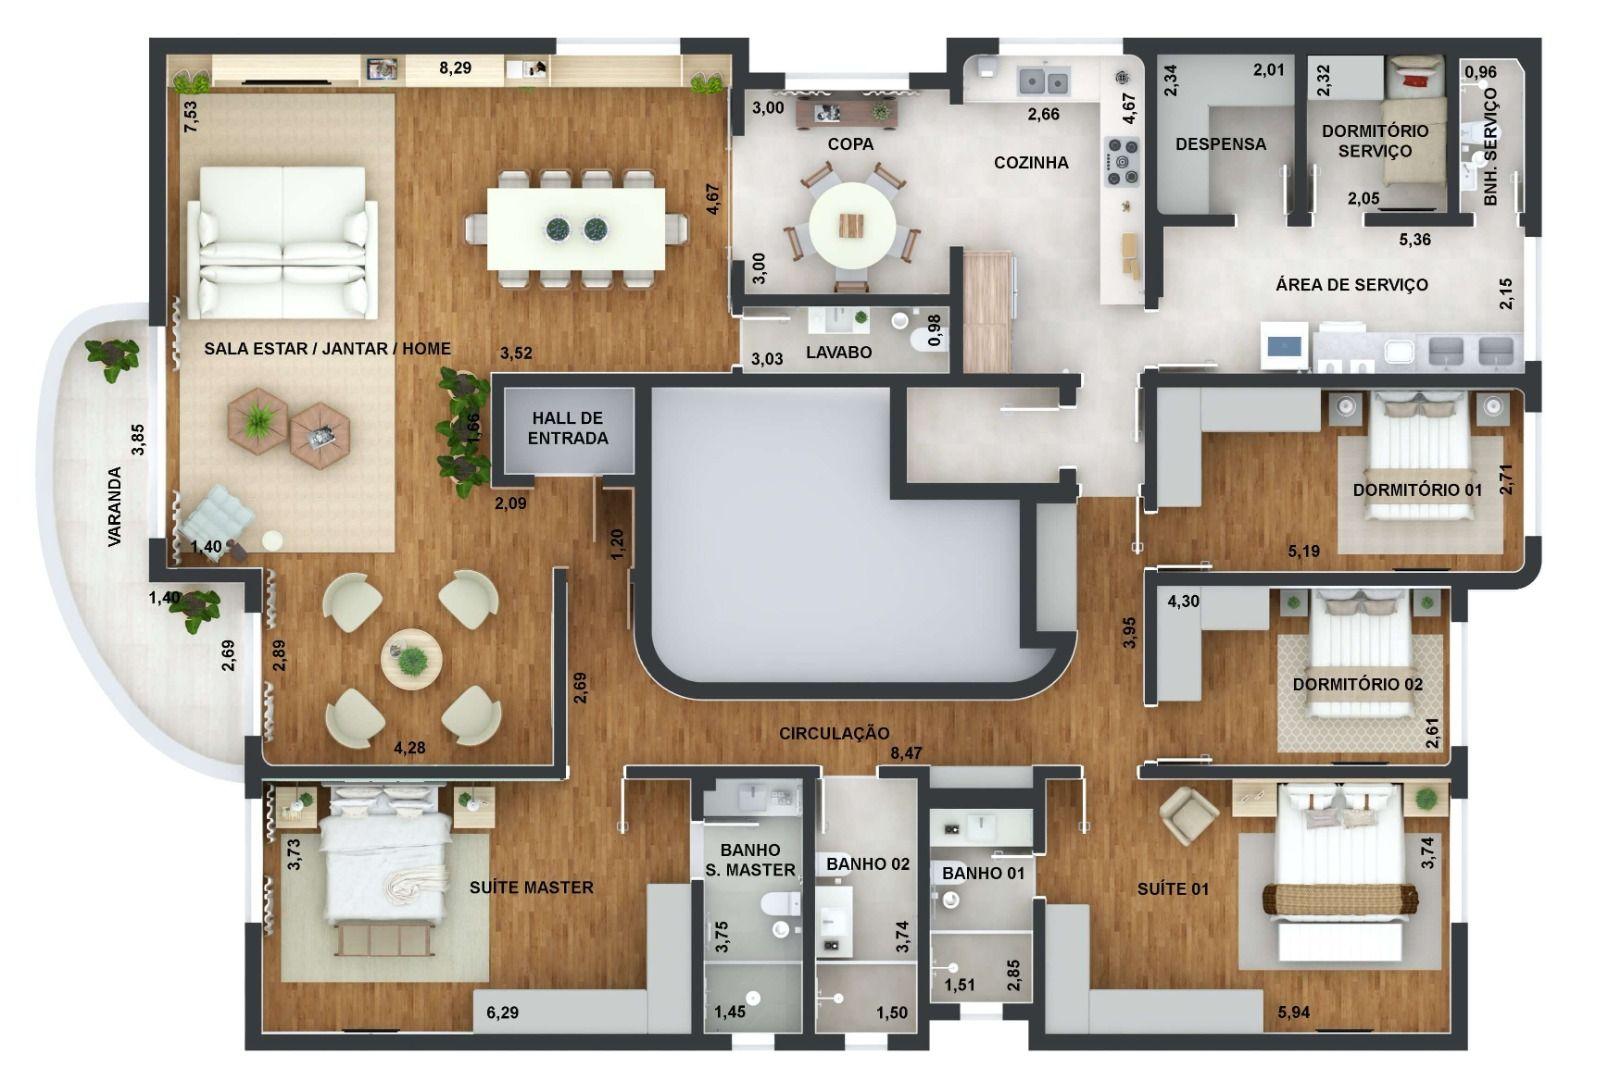 261 M² - 4 DORMITÓRIOS, SENDO 2 SUÍTES. (Apartamento 31, 3º andar).